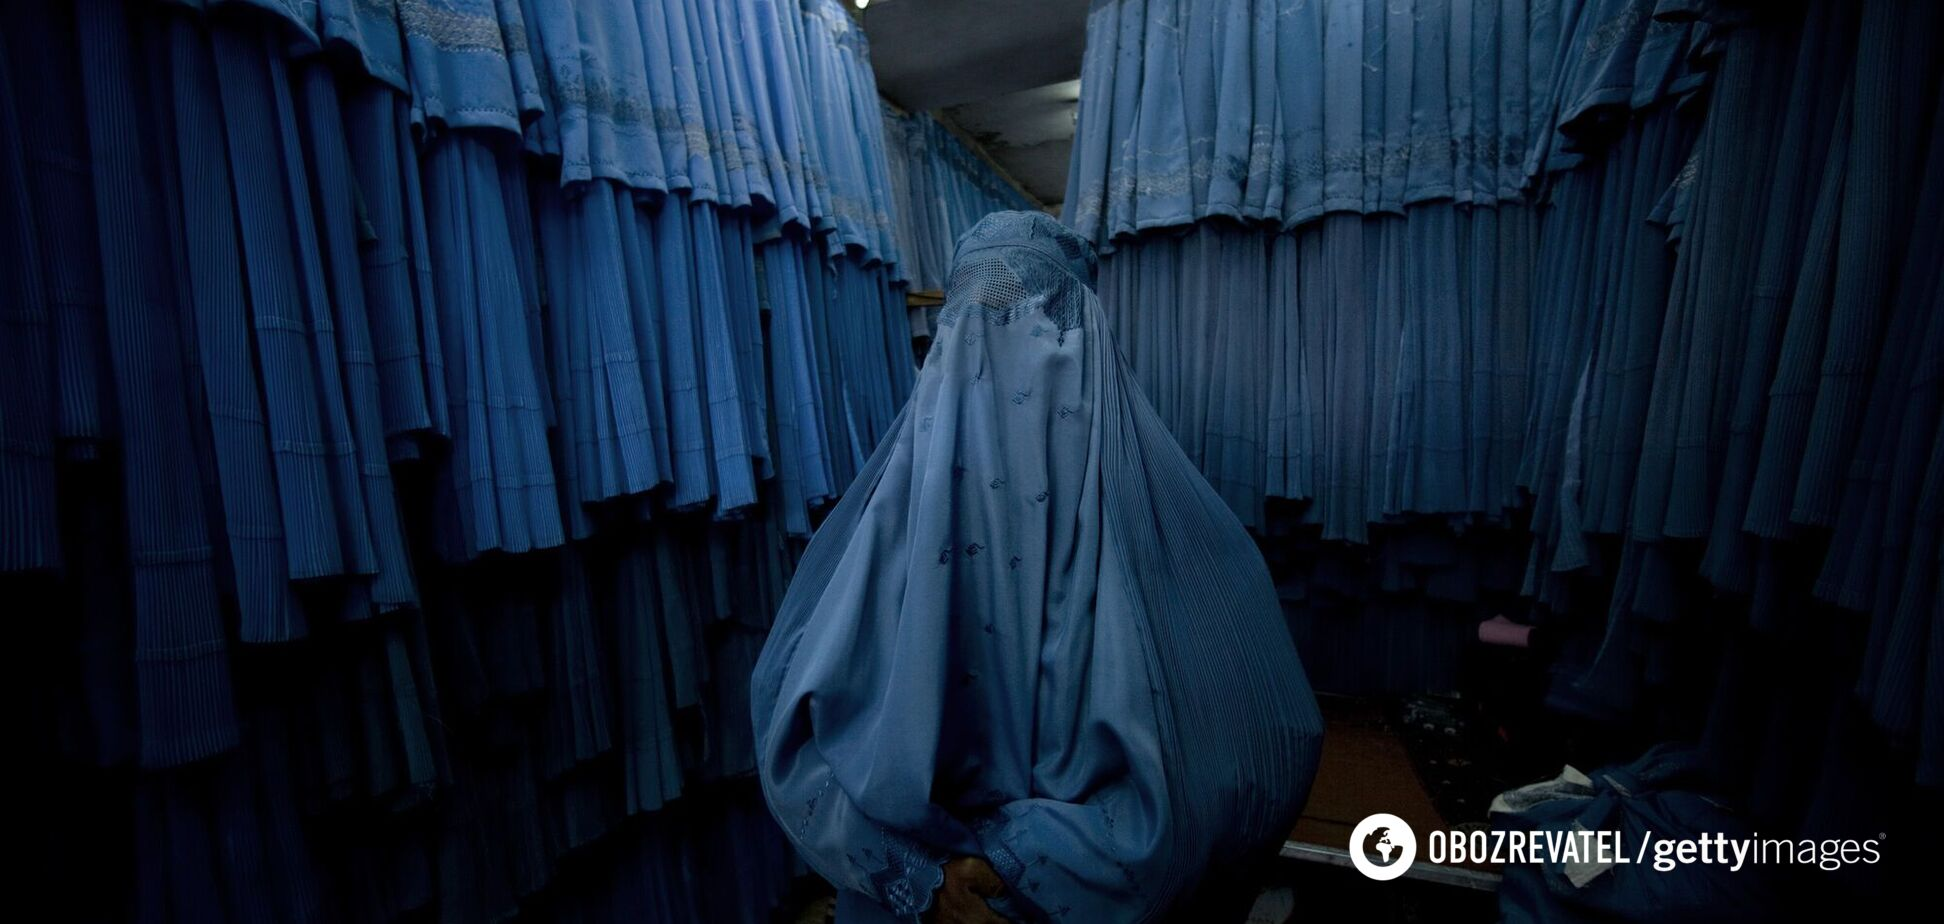 'Мэр' Кабула от 'Талибана' приказал женщинам-госслужащим оставаться дома